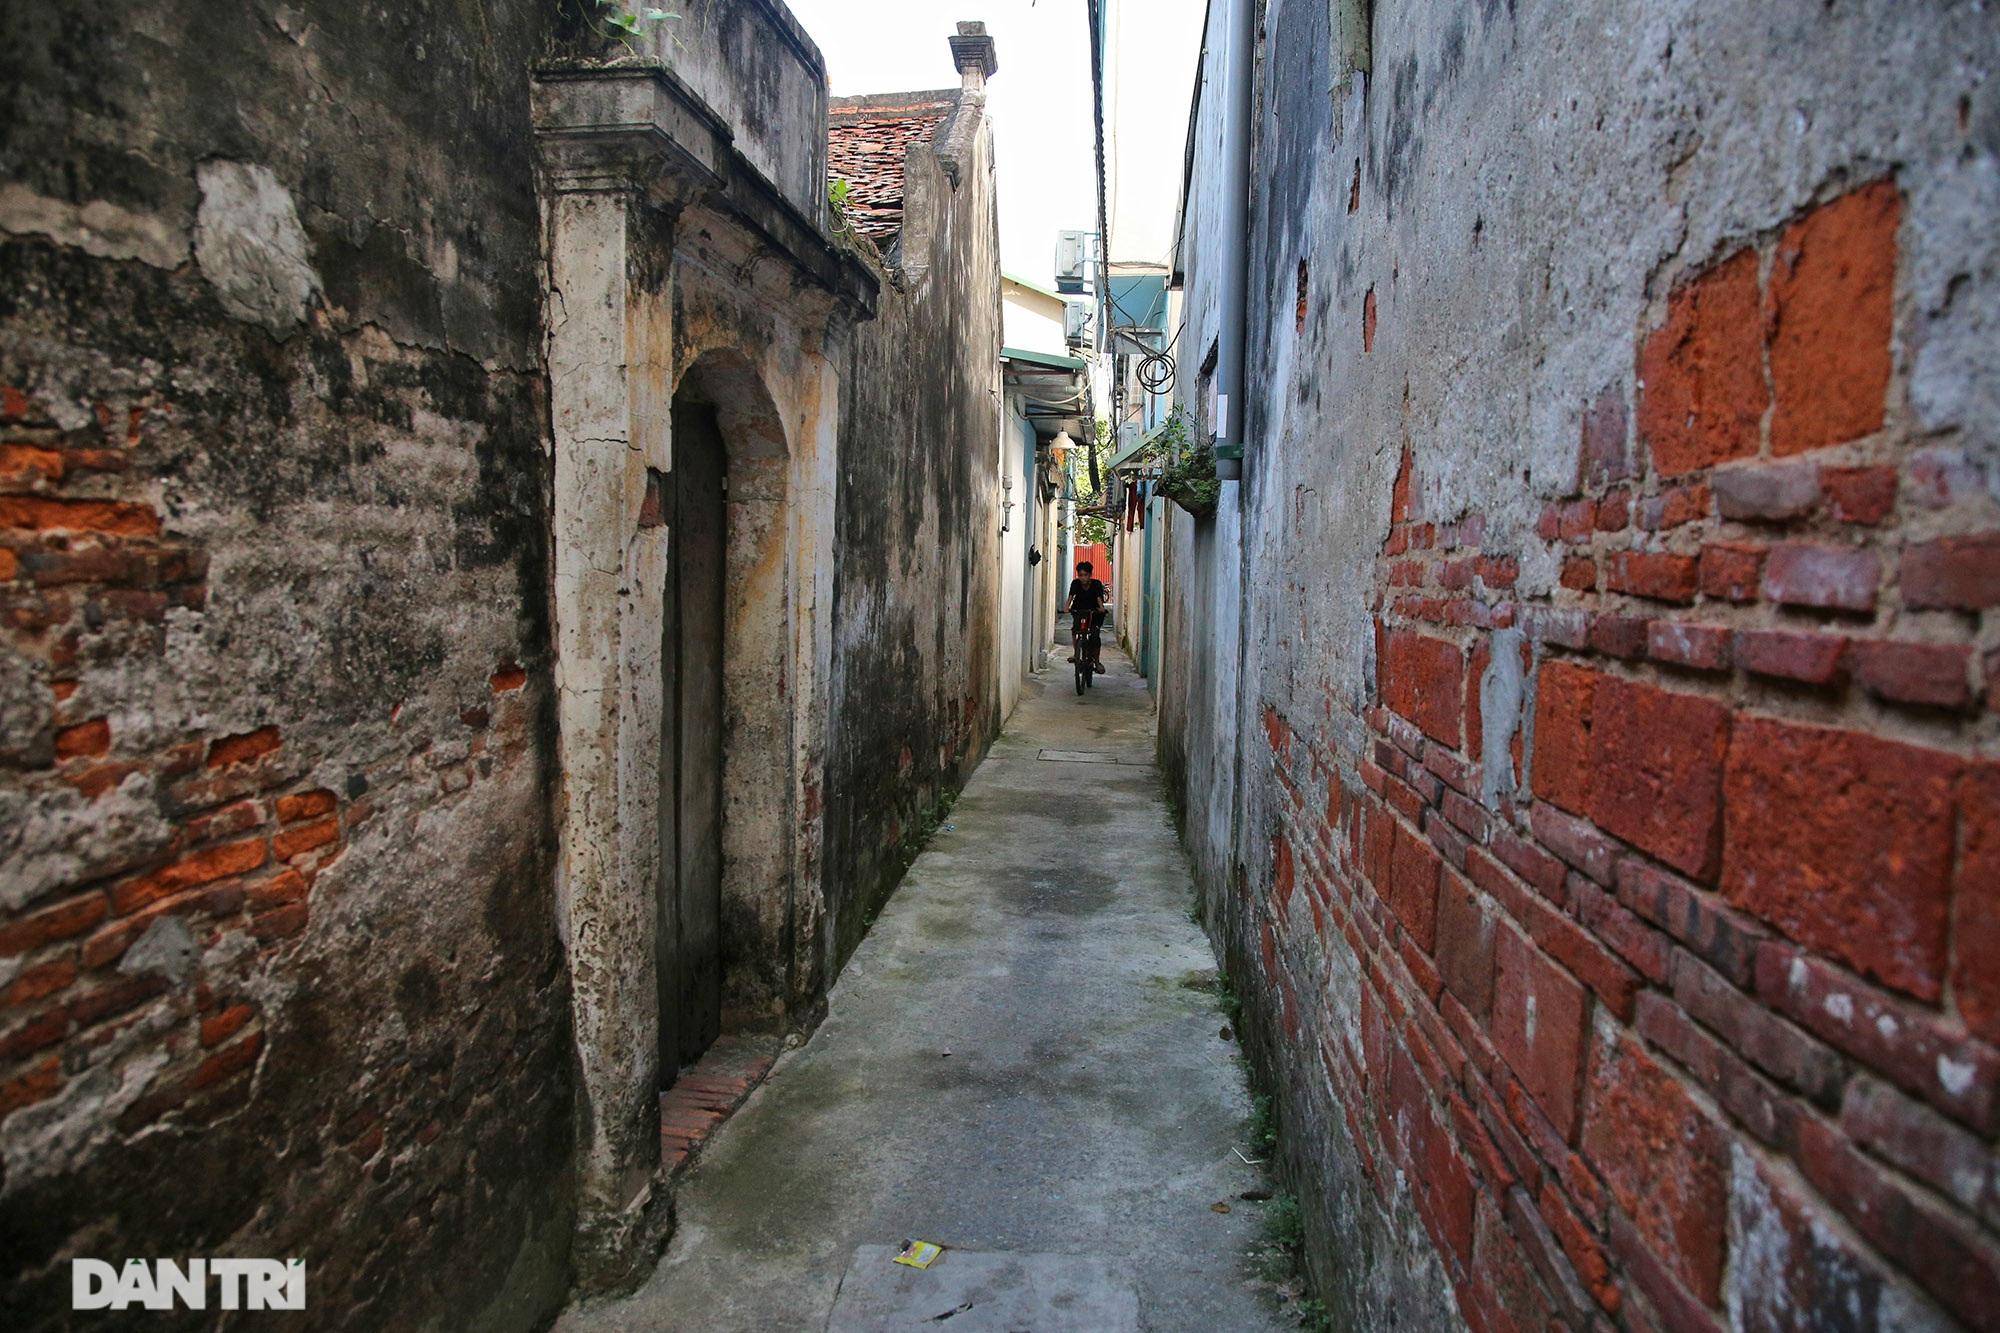 Làng cổ nghìn năm tuổi nổi tiếng giàu có nay là của hiếm ở Hà Nội - 5